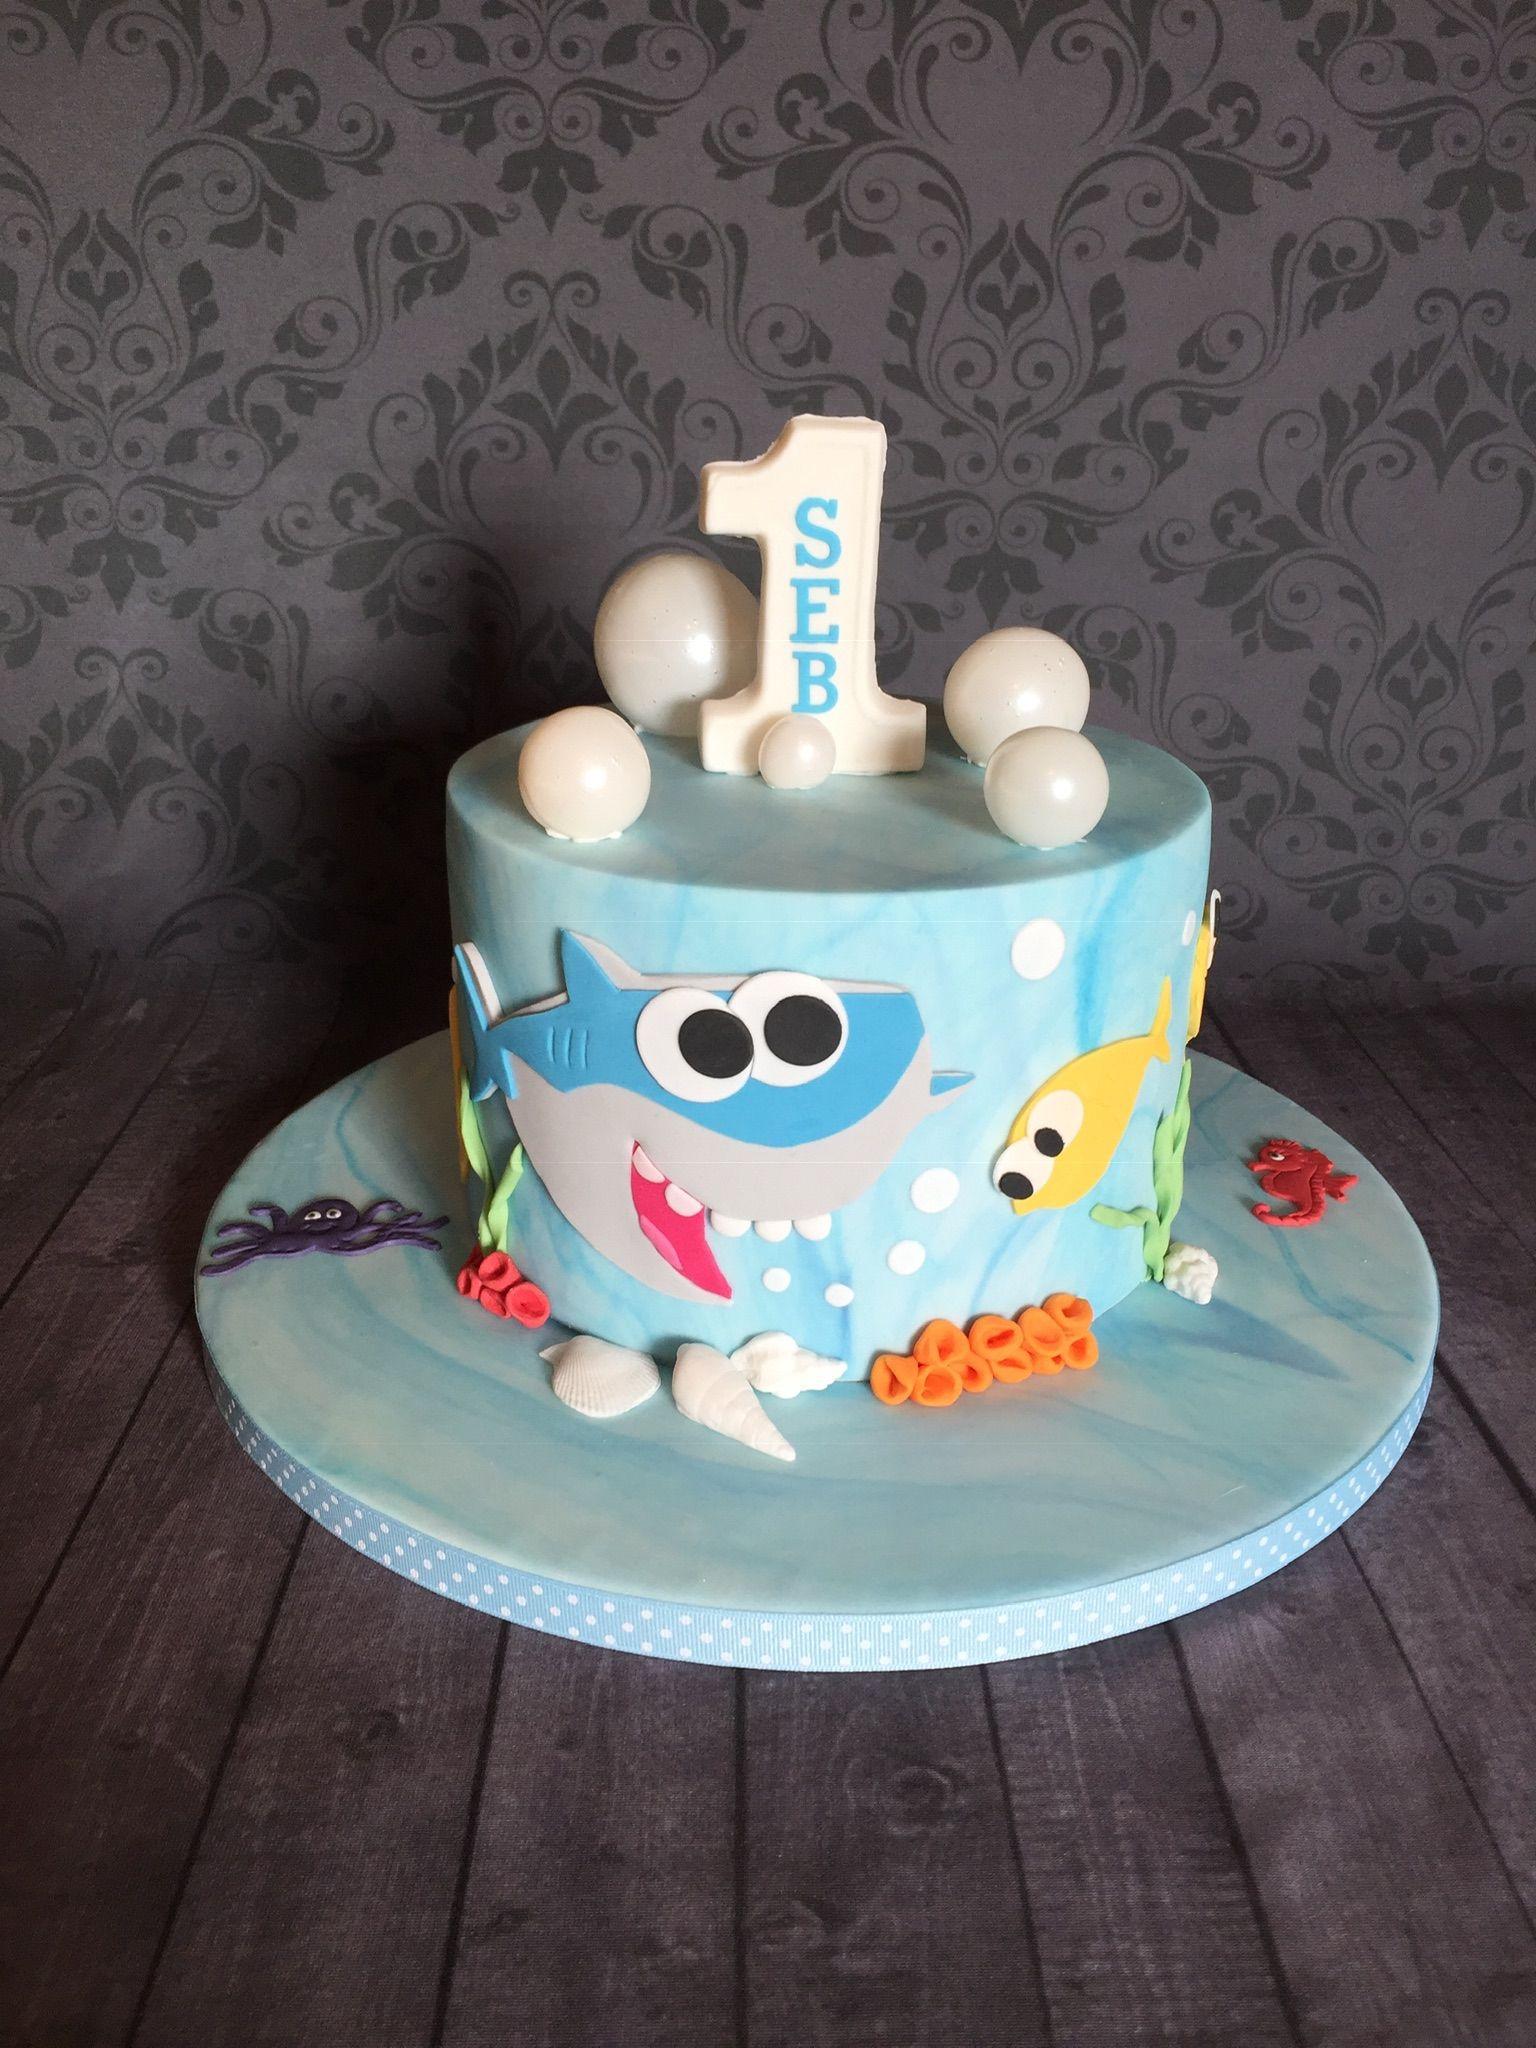 Baby shark 1st birthday cake 1st birthday cake cake